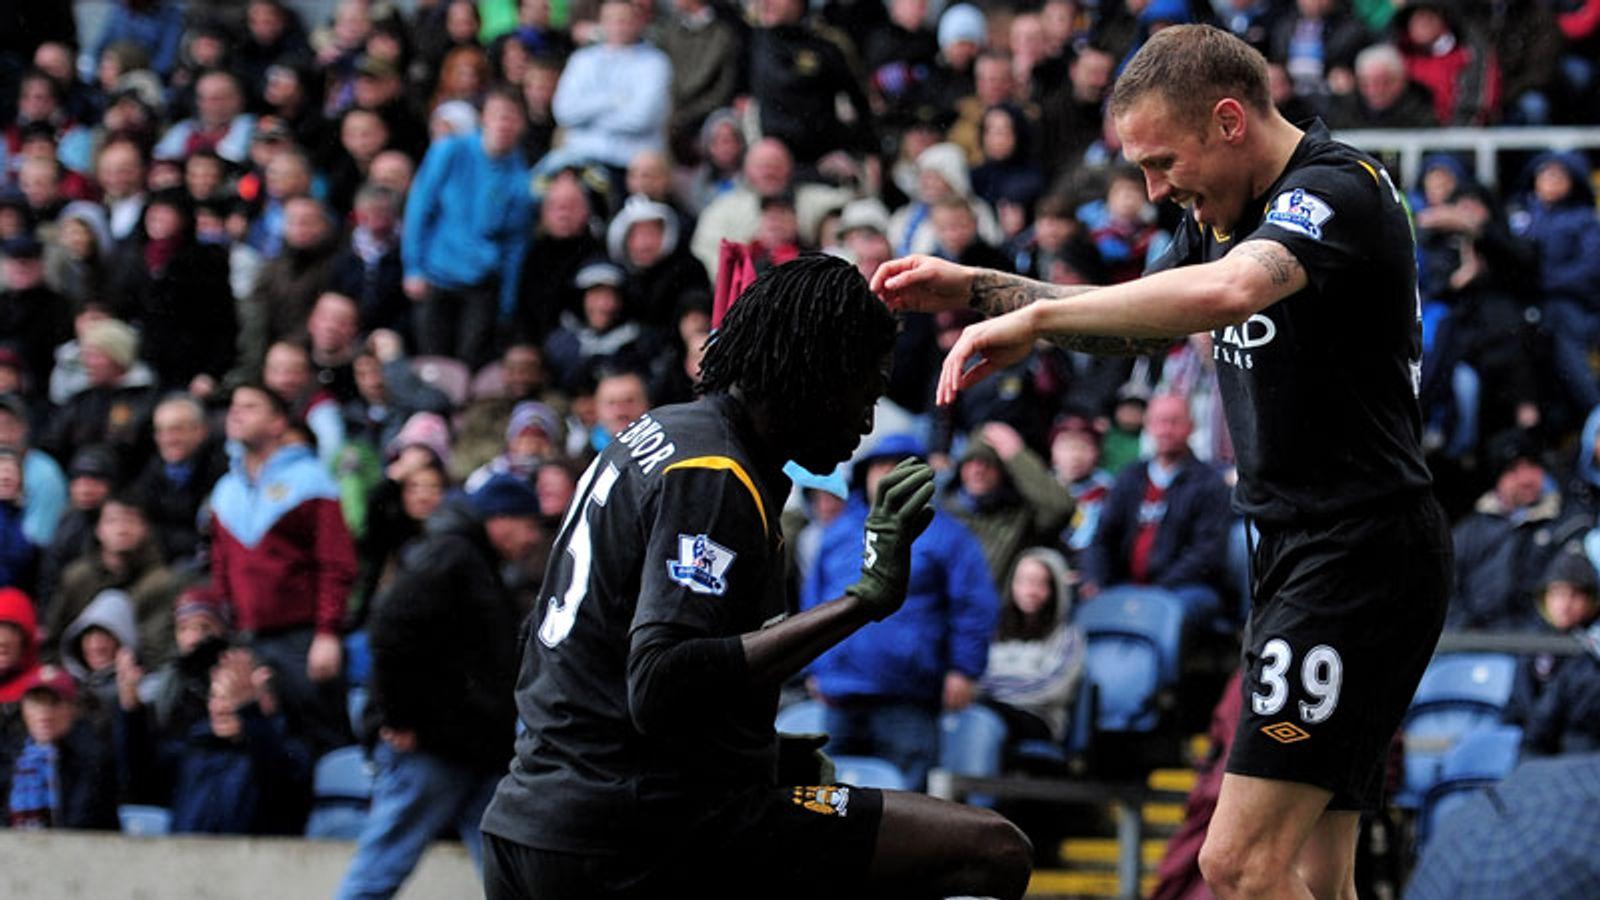 Burnley 1 - 6 Man City - Match Report & Highlights